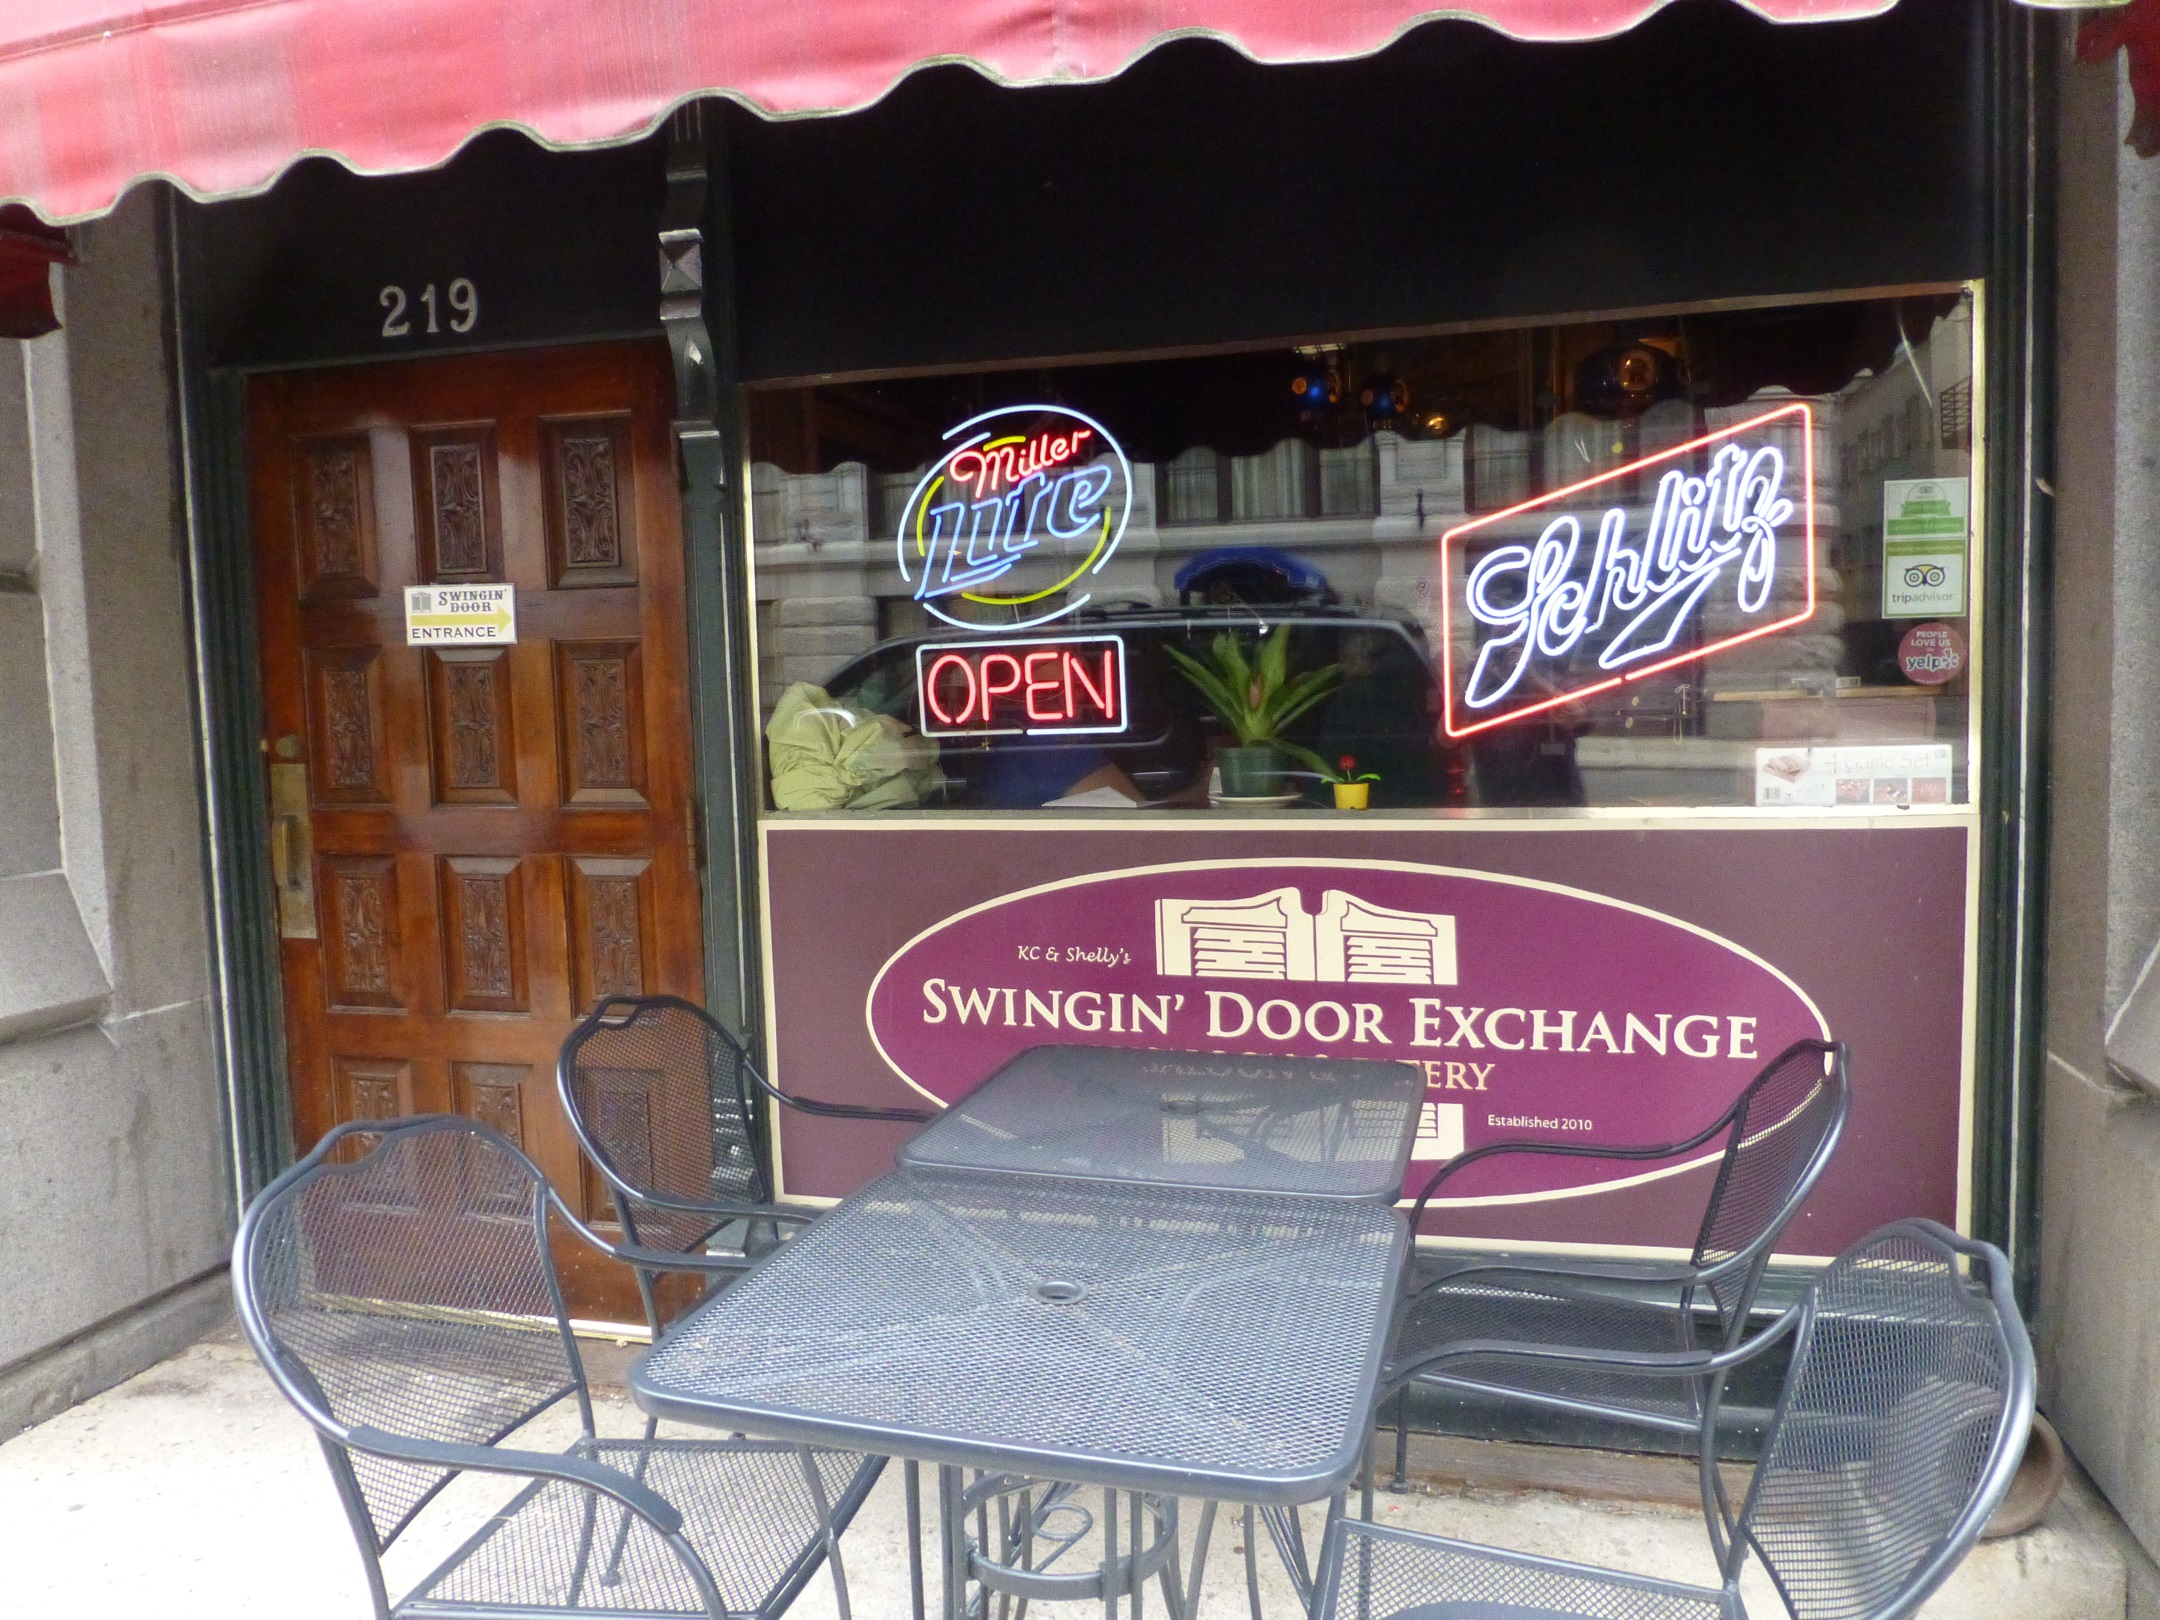 Swingin' Door Exchange